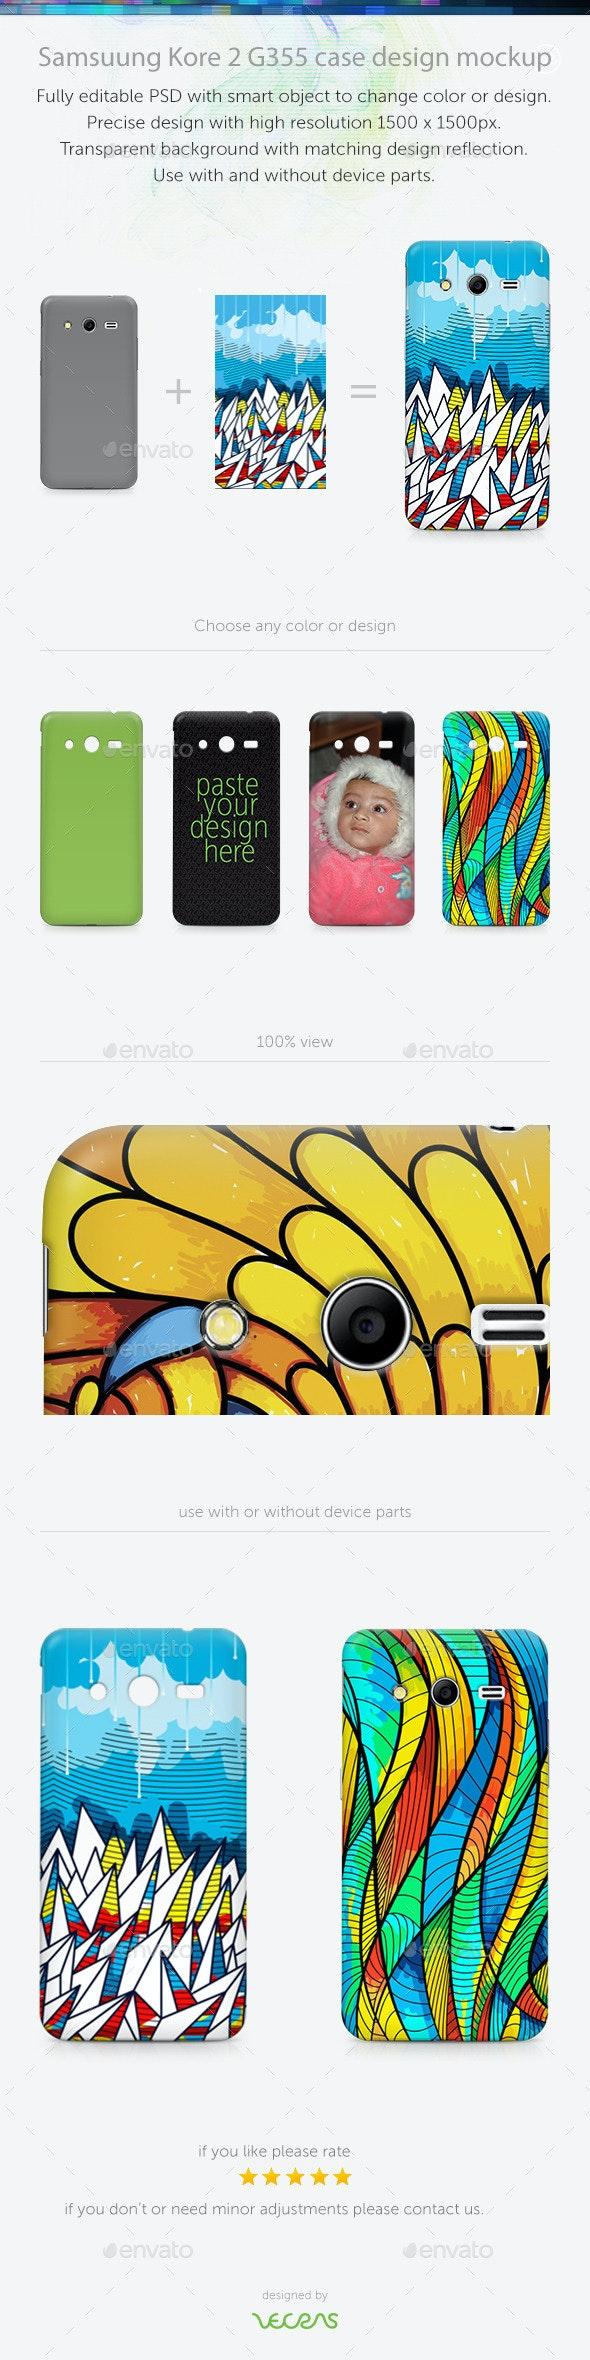 Samsuung Kore 2 G355 Case Design Mockup - Mobile Displays